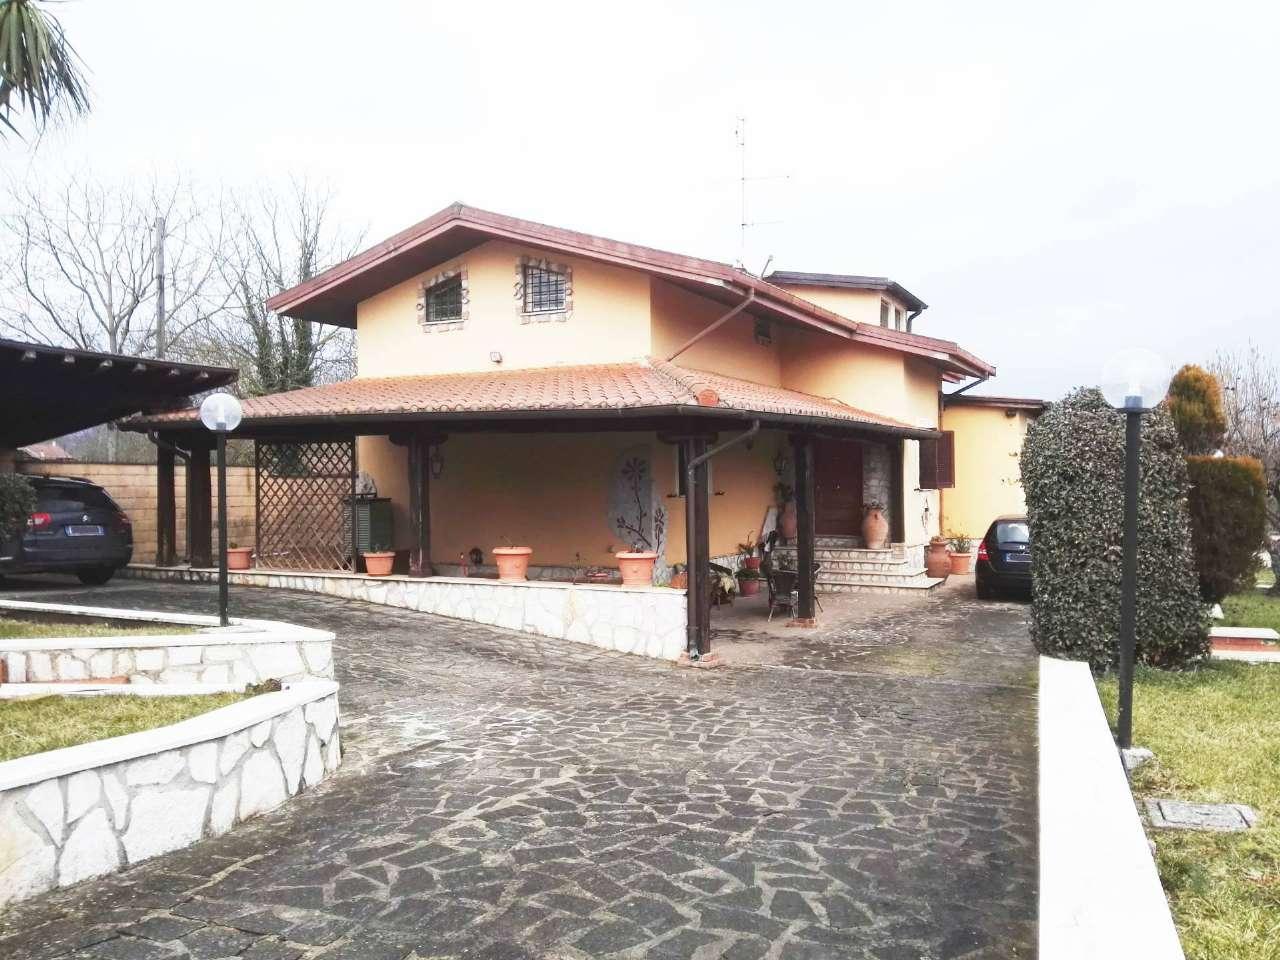 Villa in vendita a Cave, 9 locali, prezzo € 388.000 | Cambio Casa.it